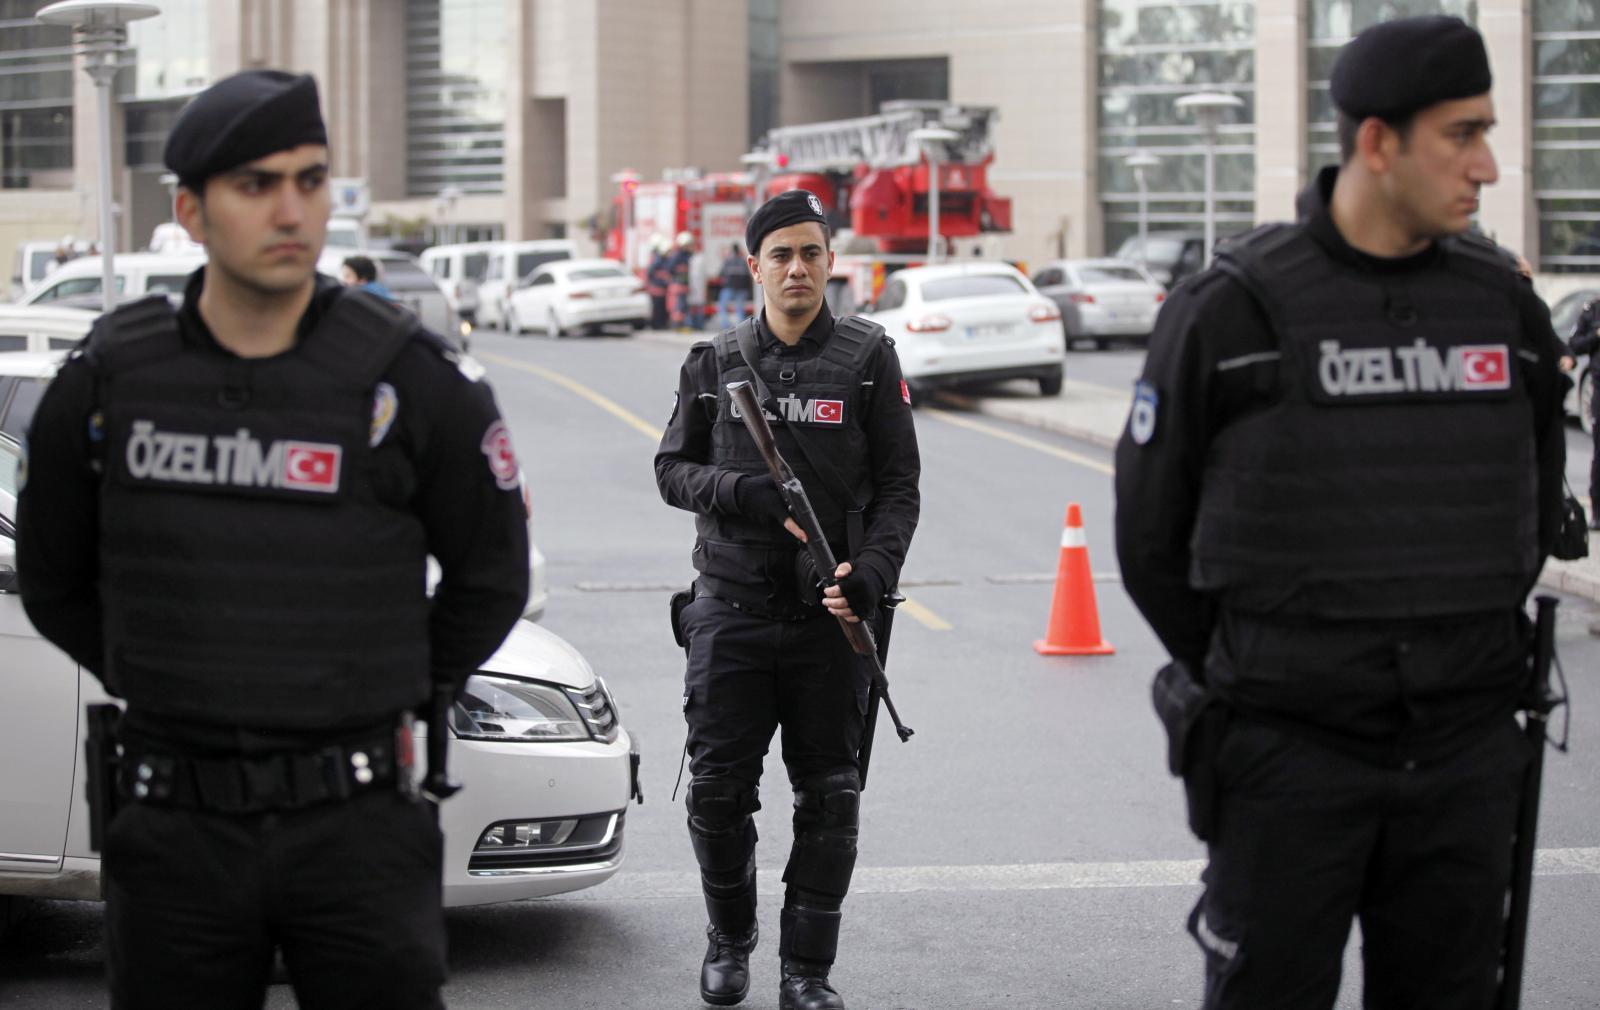 Τουρκία: Συνελήφθη Αφγανός ως ηγετικό στέλεχος του Ισλαμικού Κράτους